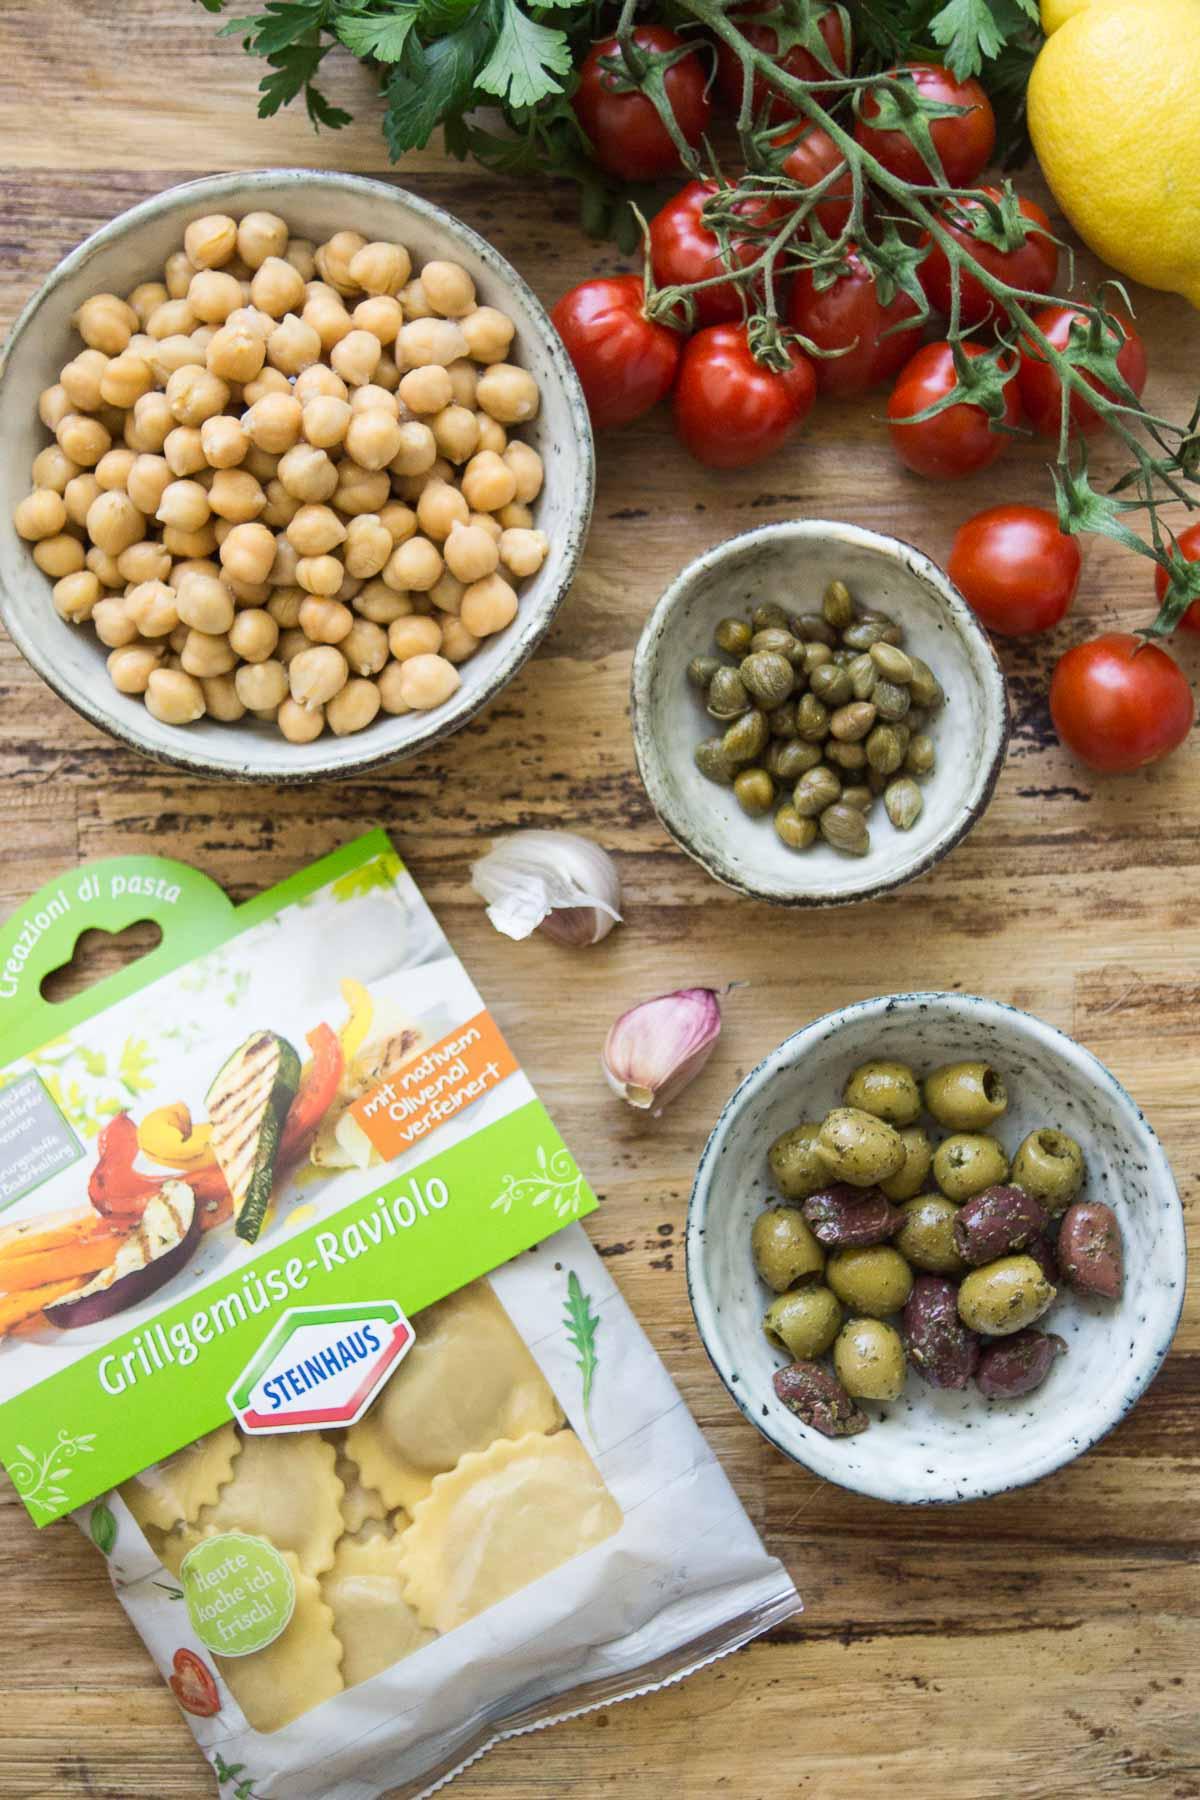 Zutaten für Mediterrane Grillgemüse Raviolo von Steinhaus